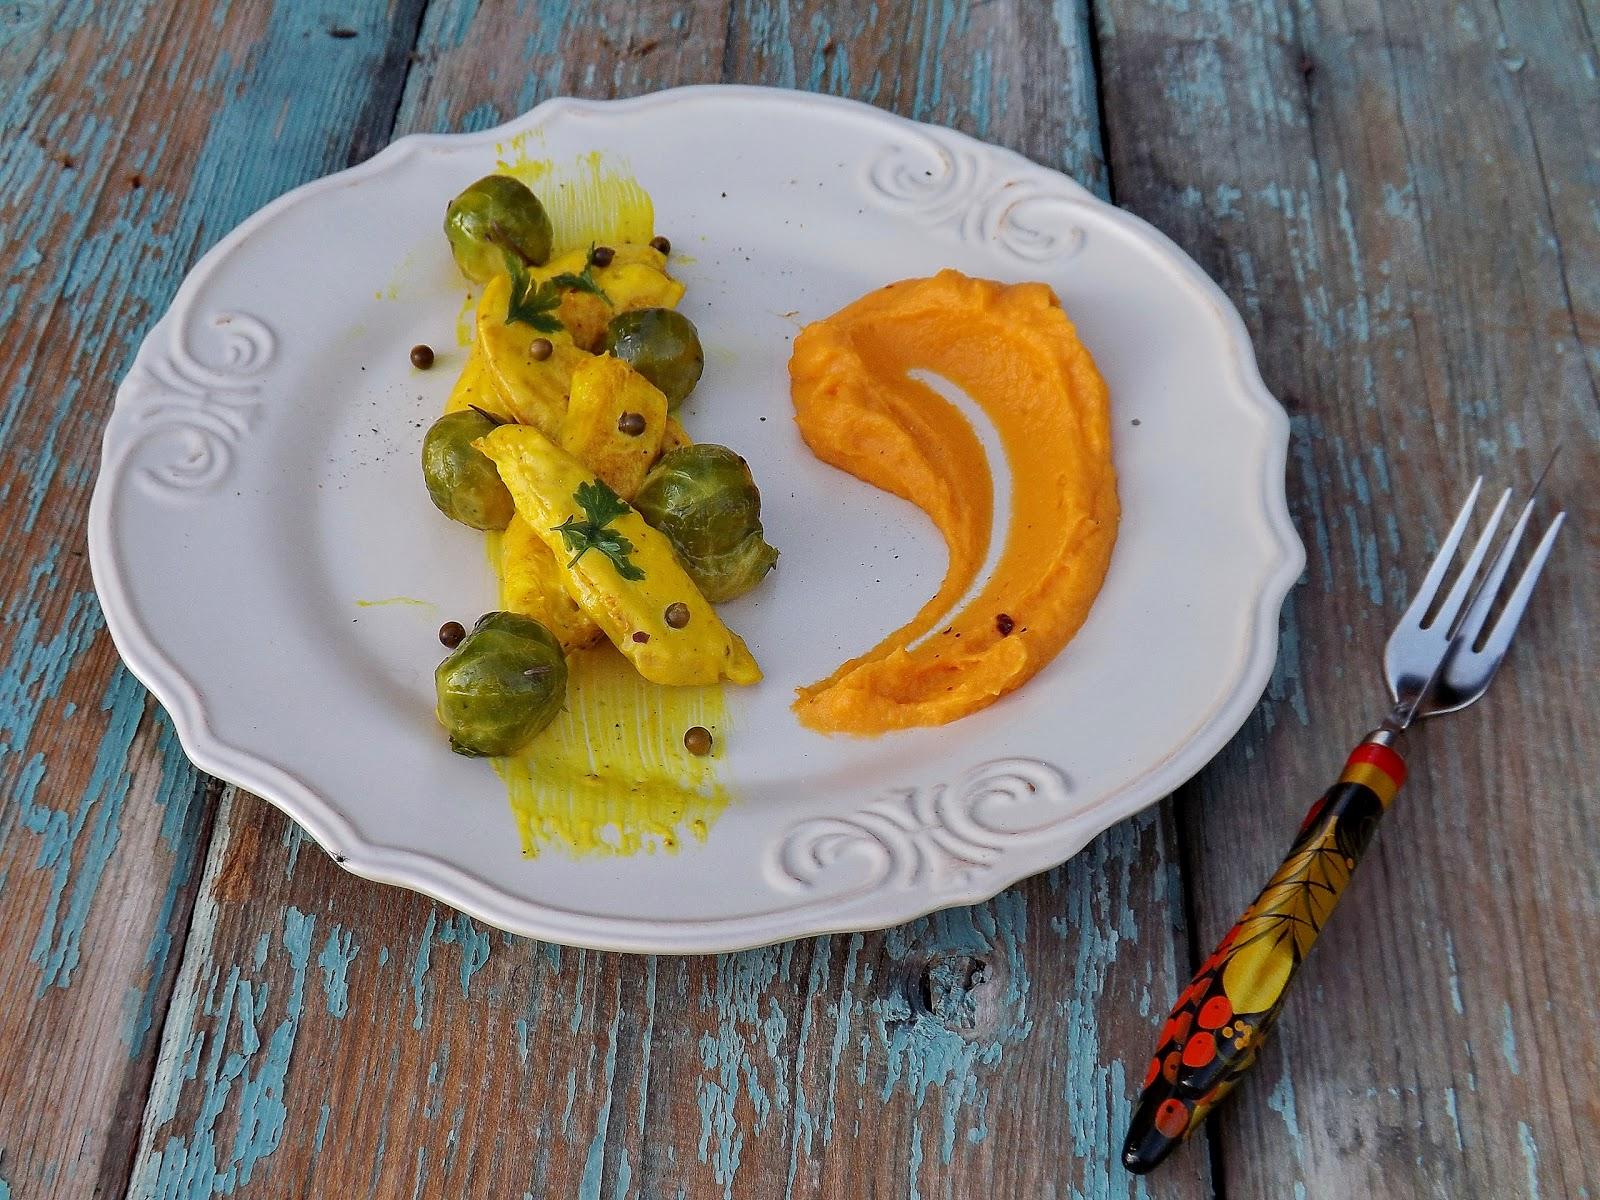 Puree z batatów z żółtym kurczakiem w sosie kremowym i duszoną brukselką